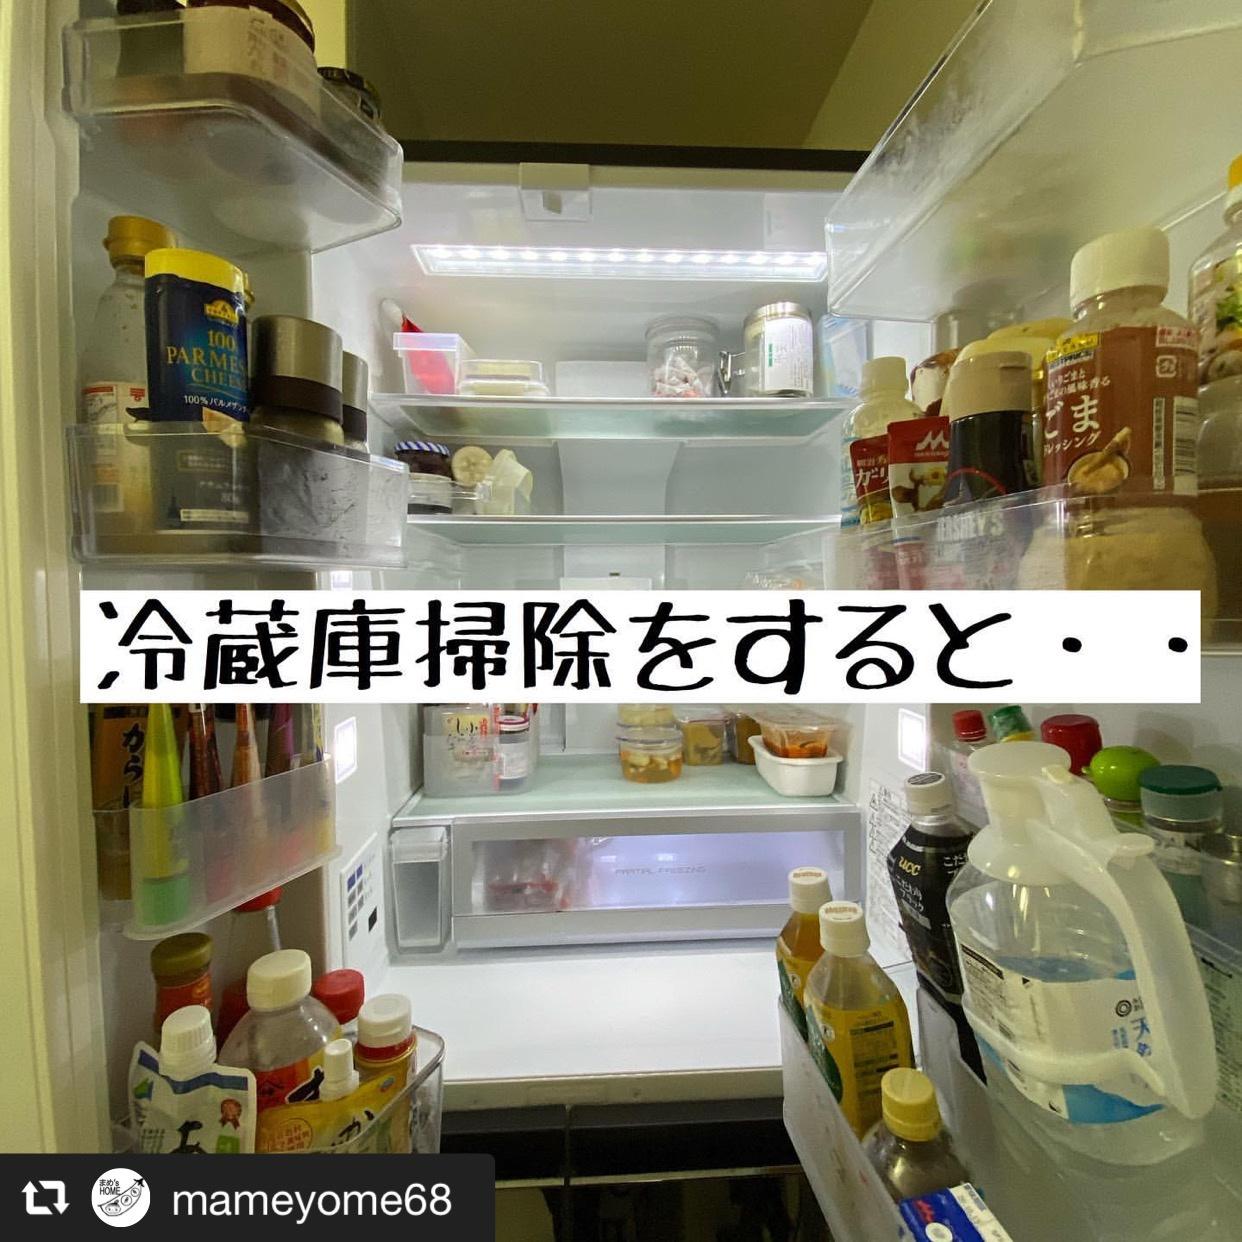 冷蔵庫掃除をするとうれしいものがやってくる!? 画像1